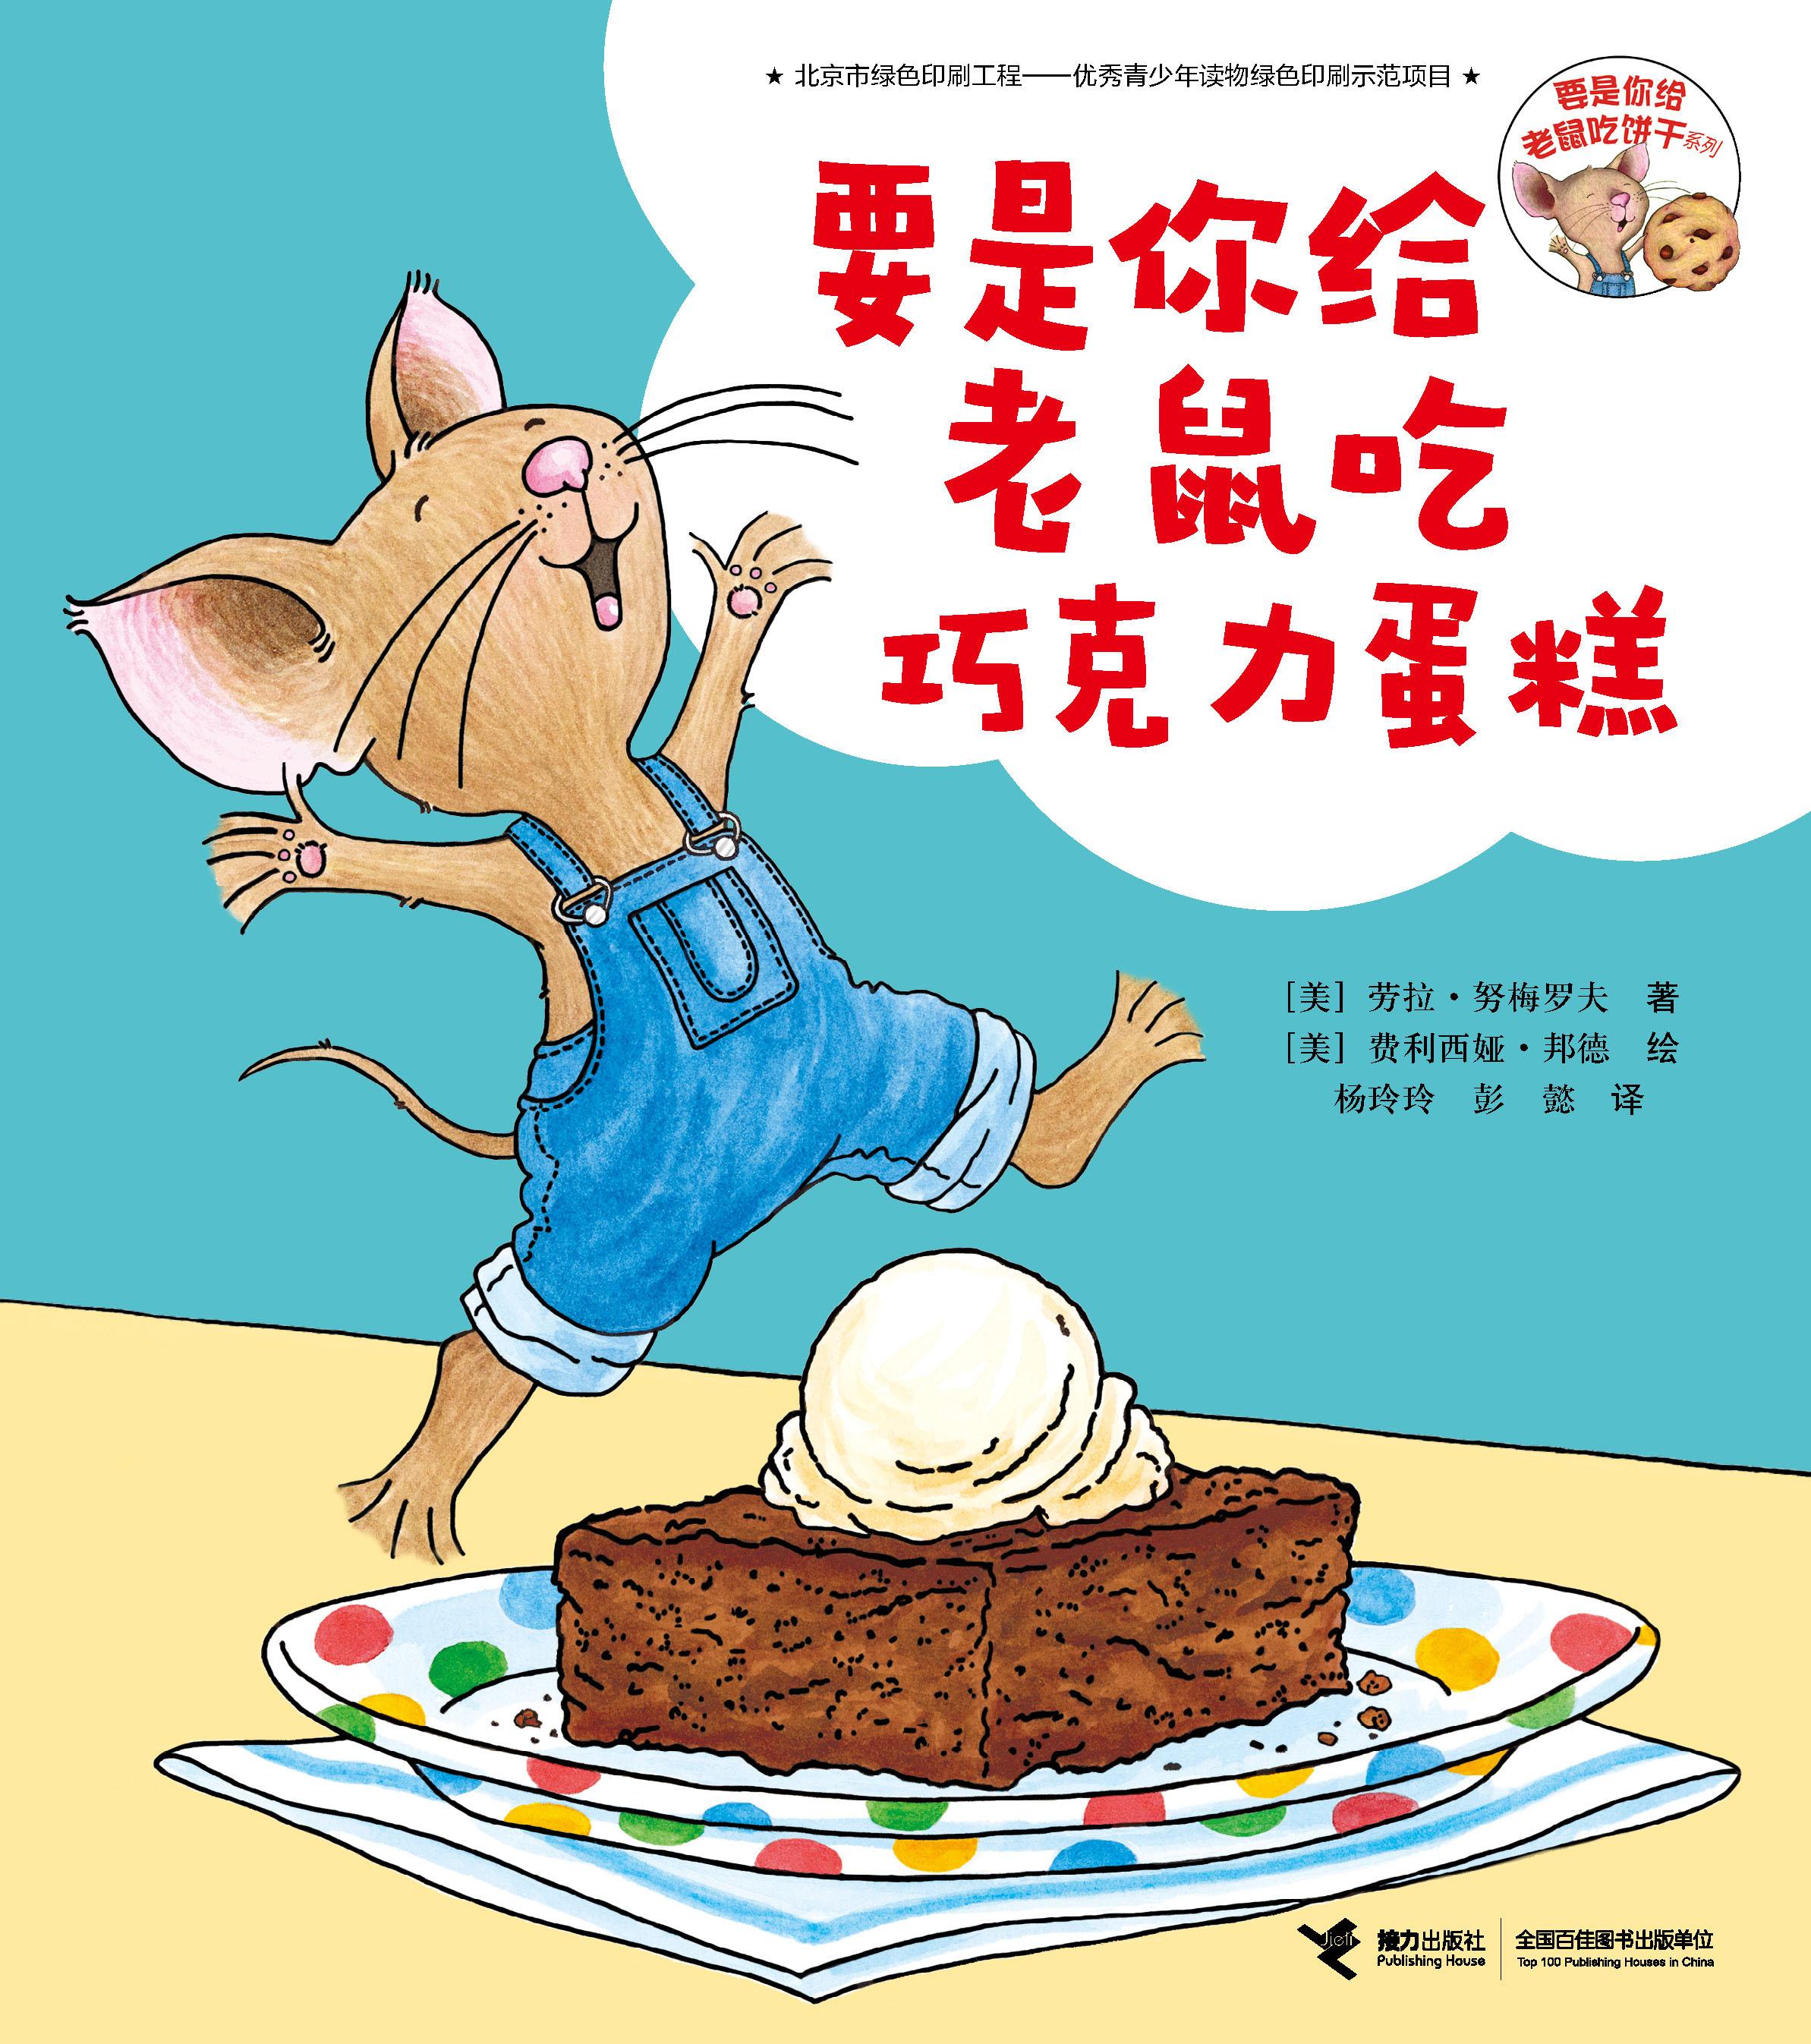 要是你给老鼠吃饼干系列:要是你给老鼠吃巧克力蛋糕